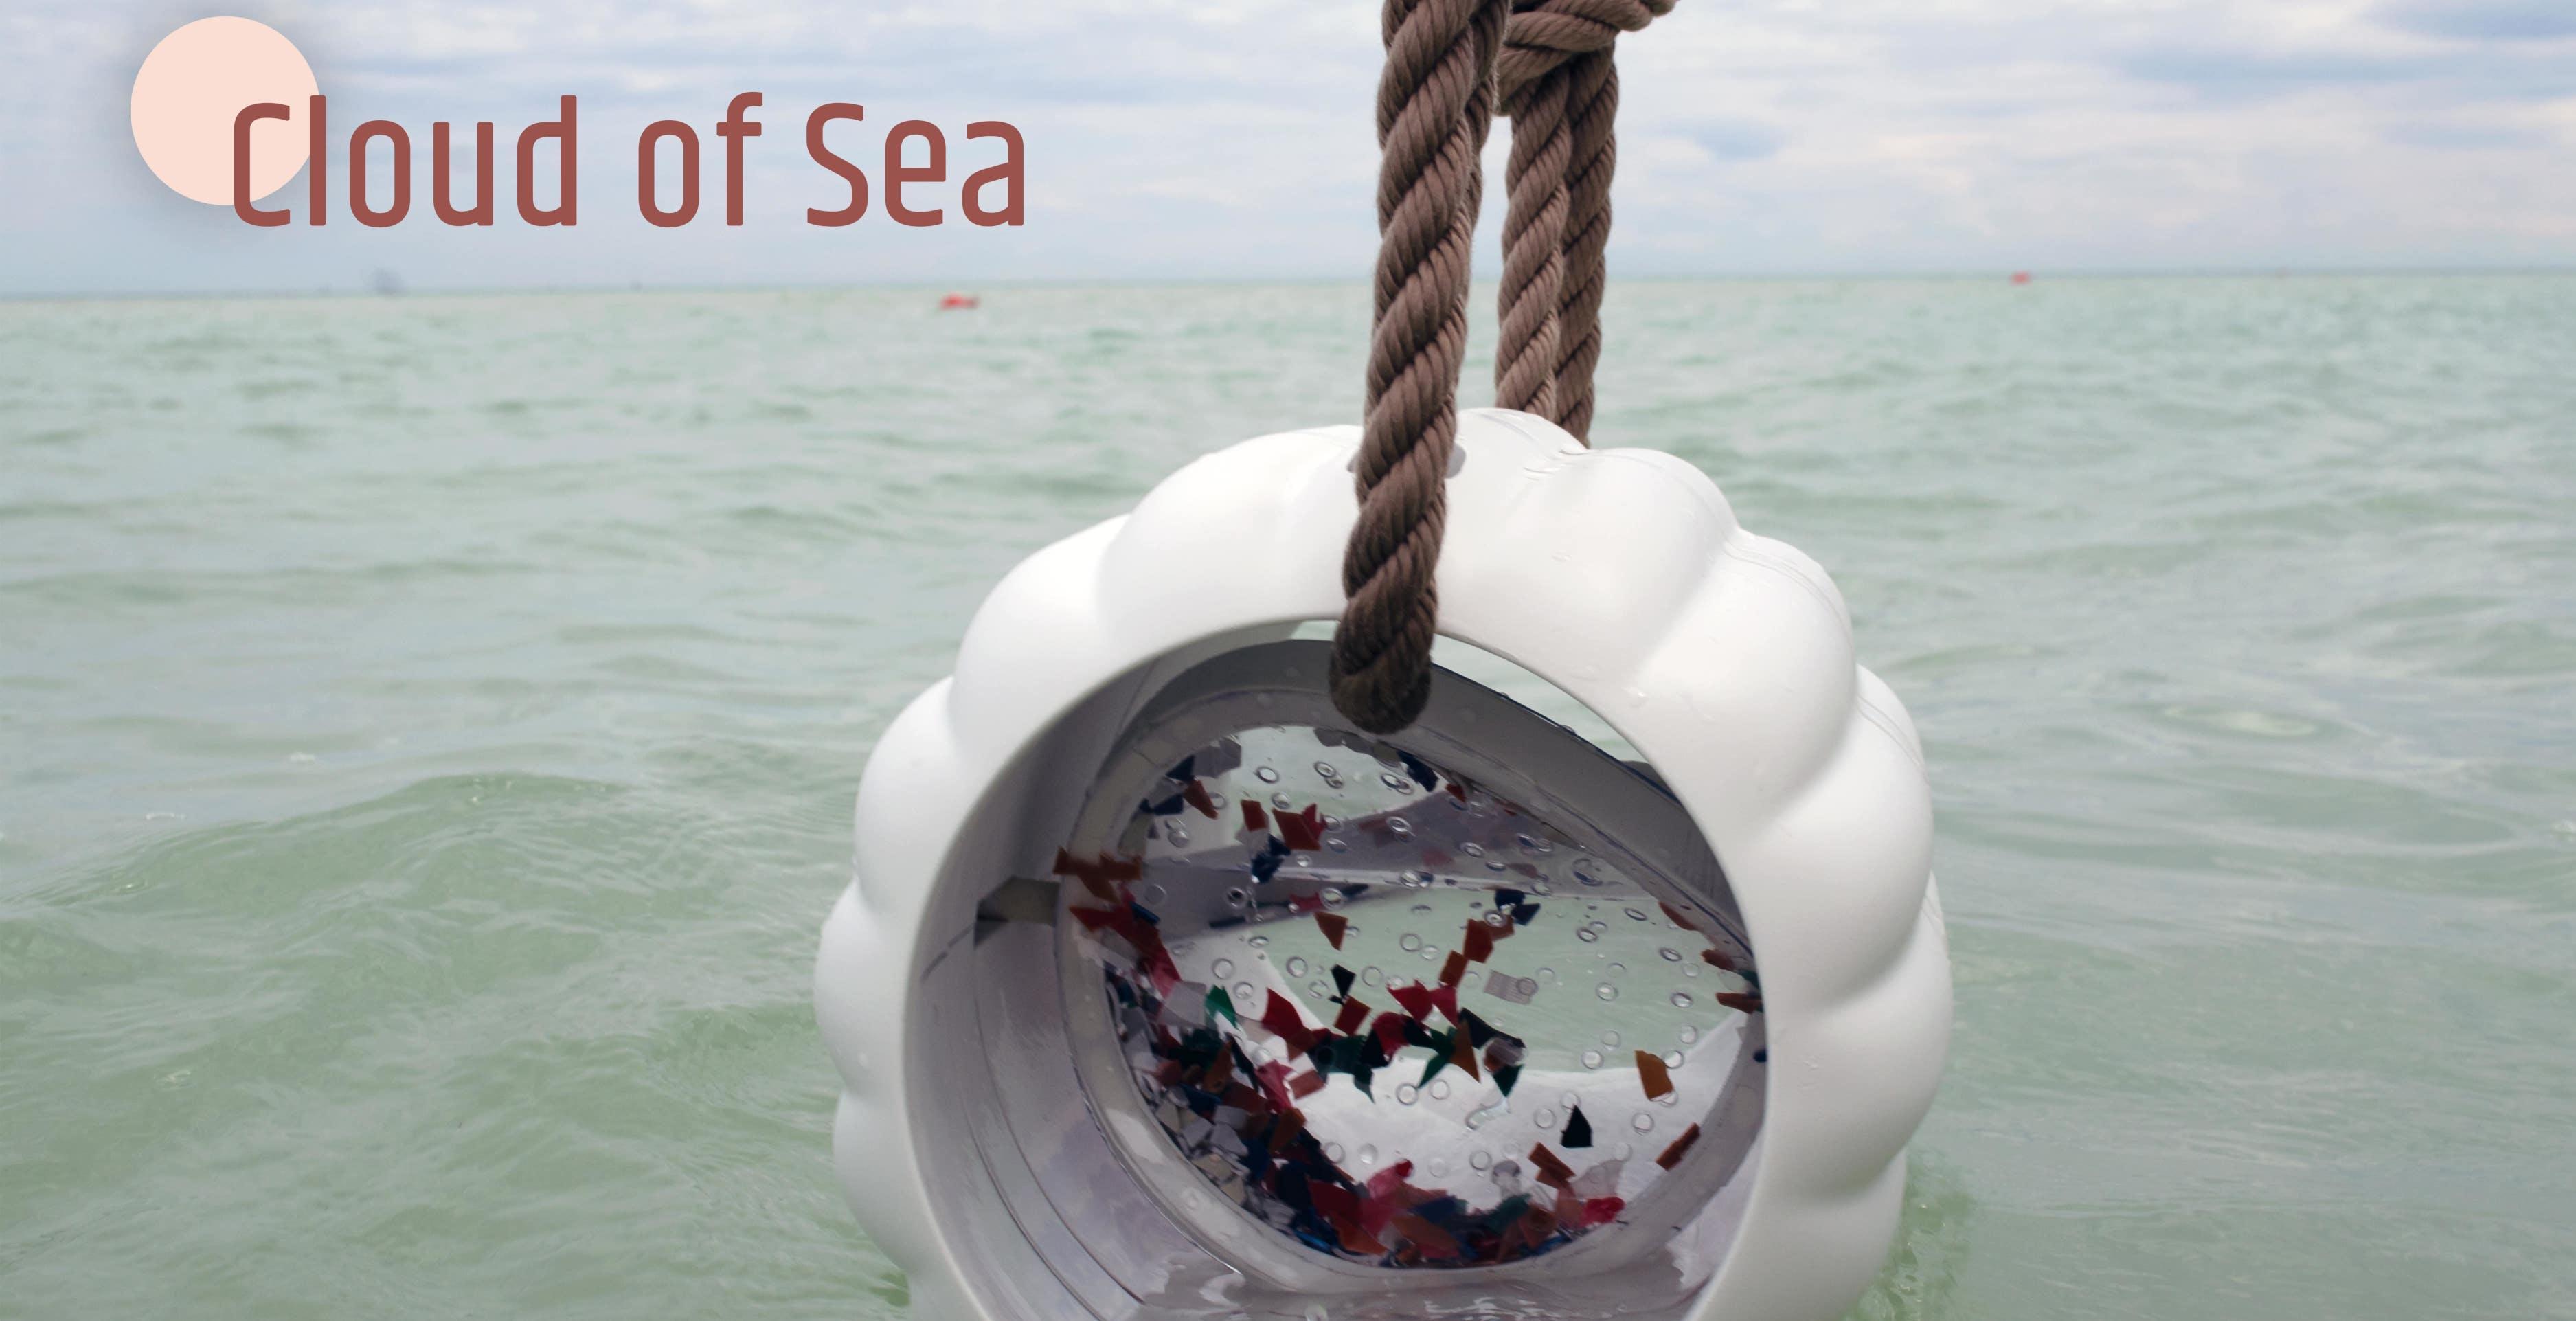 Recupero delle microplastiche nel mare, ecco il progetto che ha vinto l'edizione italiana del Dyson Award